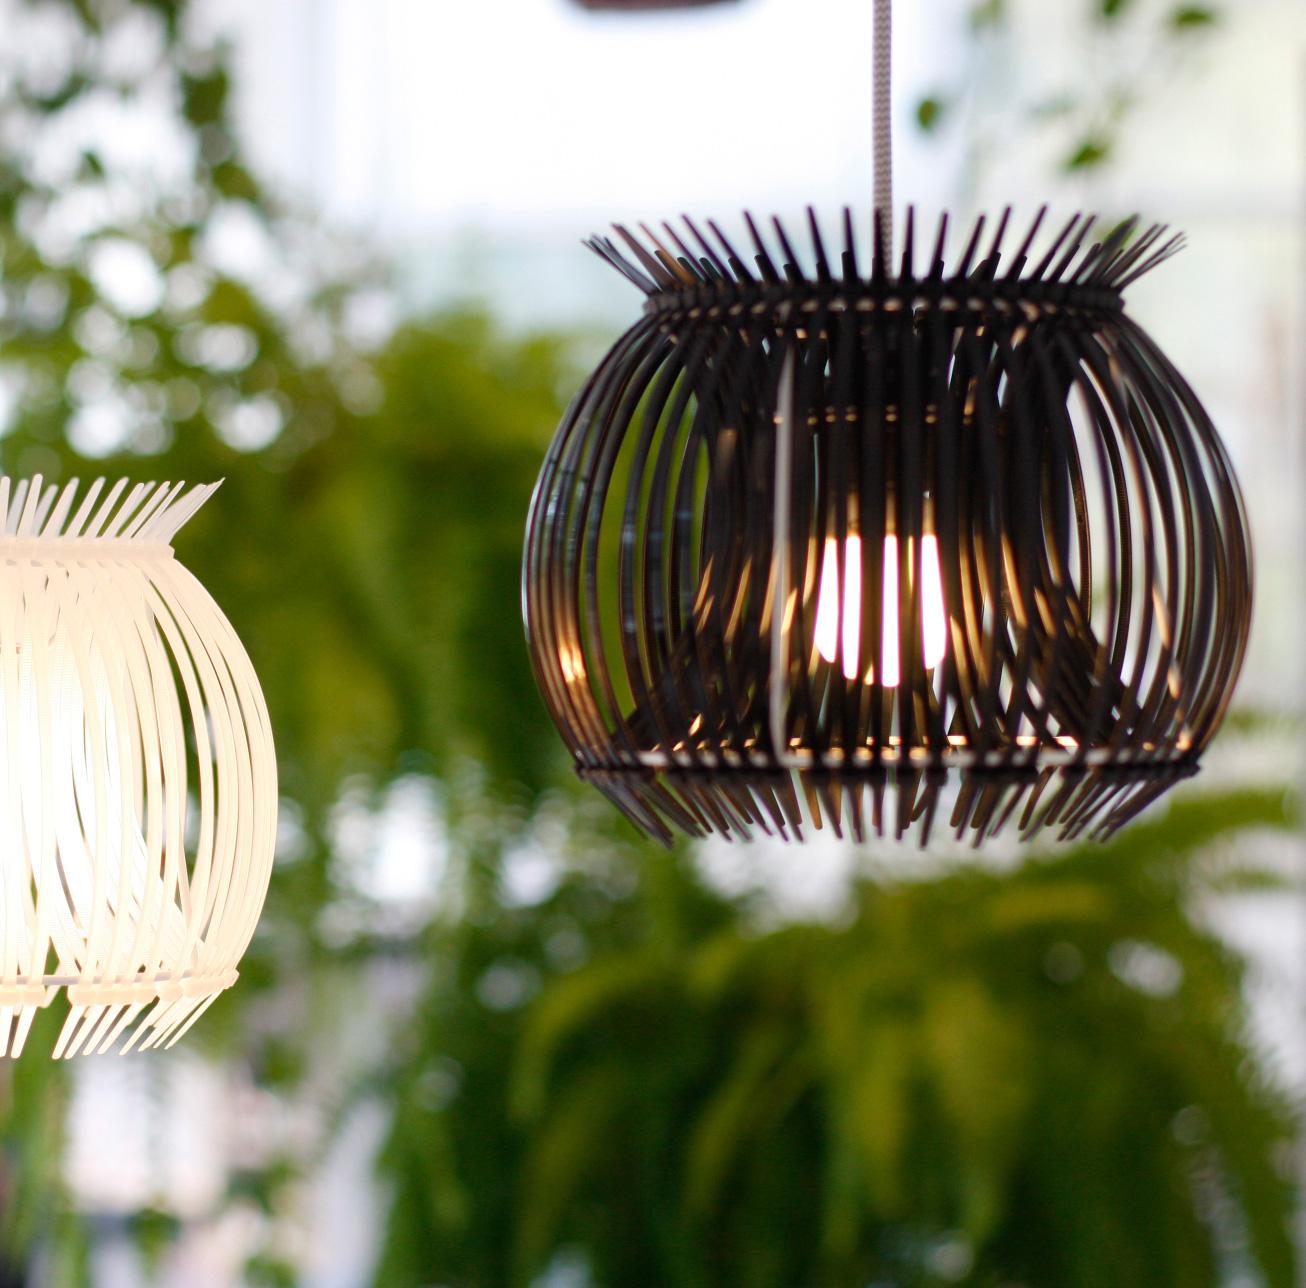 TI LIGHTLAMP - De 'Ti Light' is handgemaakte lamp van originele, industriële ti-ribs.De lamp is er in Zwart & Wit :* Ti Light BlackEen lamp gemaakt van zwarte ti-ribs, welke sterke, krachtige lijnen laten zien, met een mooi schaduwspel, geaccentueerd door het licht binnenin.* Ti Light WhiteEen lamp, gemaakt van witte ti-ribs, met een zachte, luchtige uitstraling, bijna transparant.Wanneer het licht aan is schijnt er een mooi, bijna melkachtig verloop door de licht gebogen lijnen.Beide lampen hebben een zacht met textiel omwikkeld elektriciteit snoer met fitting, klaar om aan te doen!